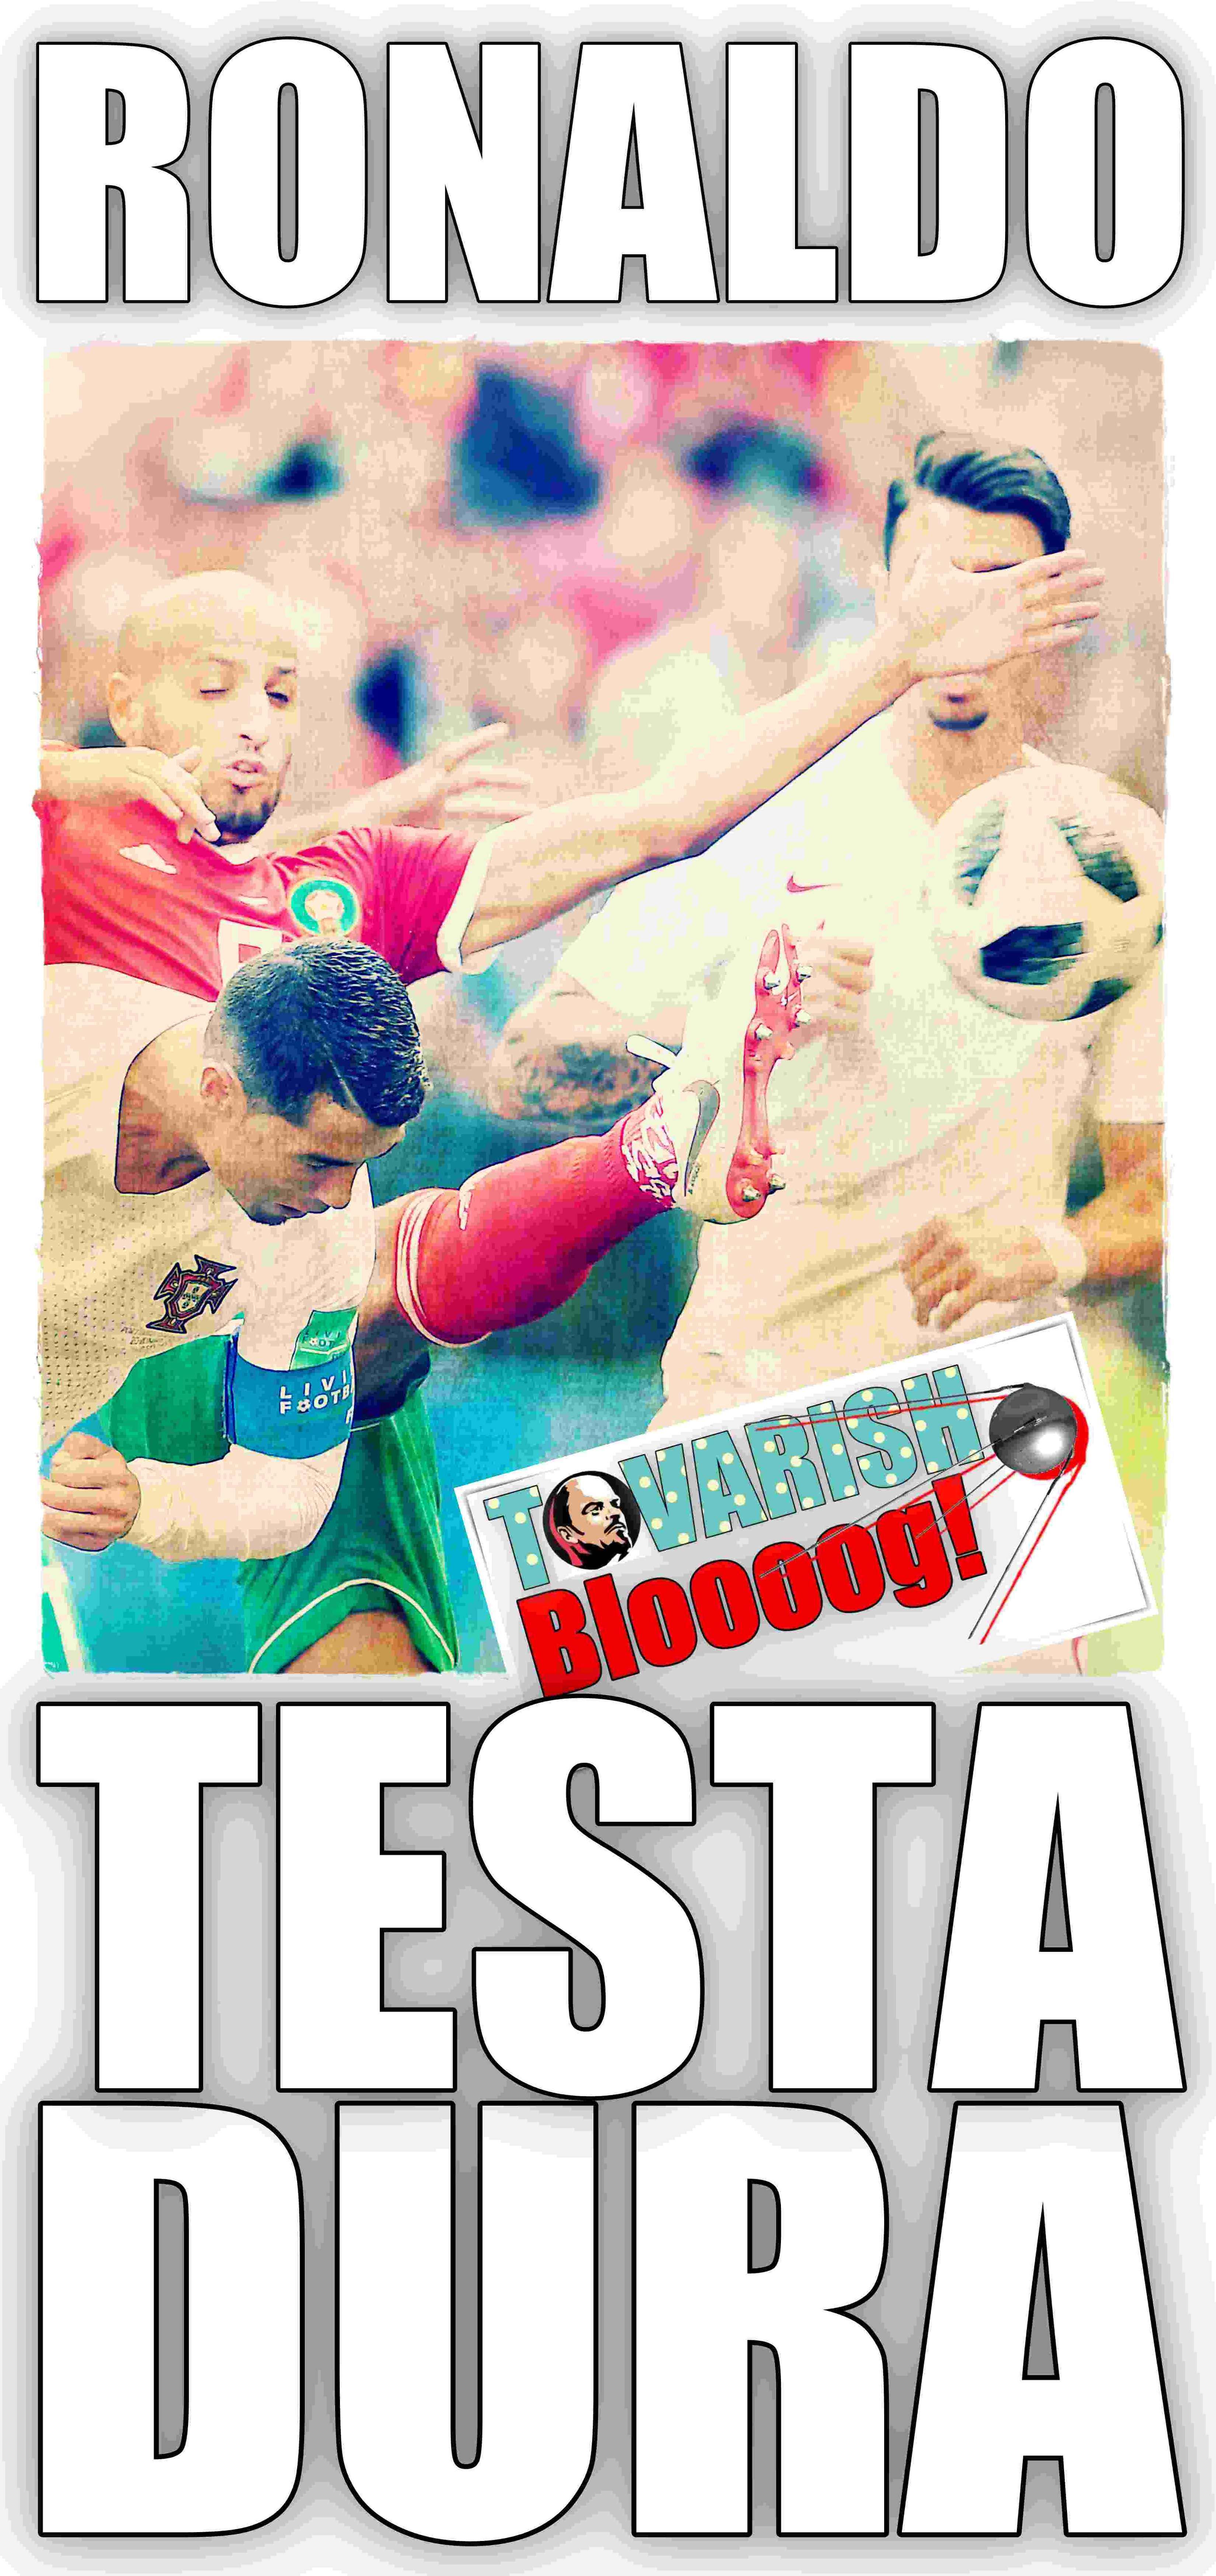 Ronaldo Portogallo Marocco 2